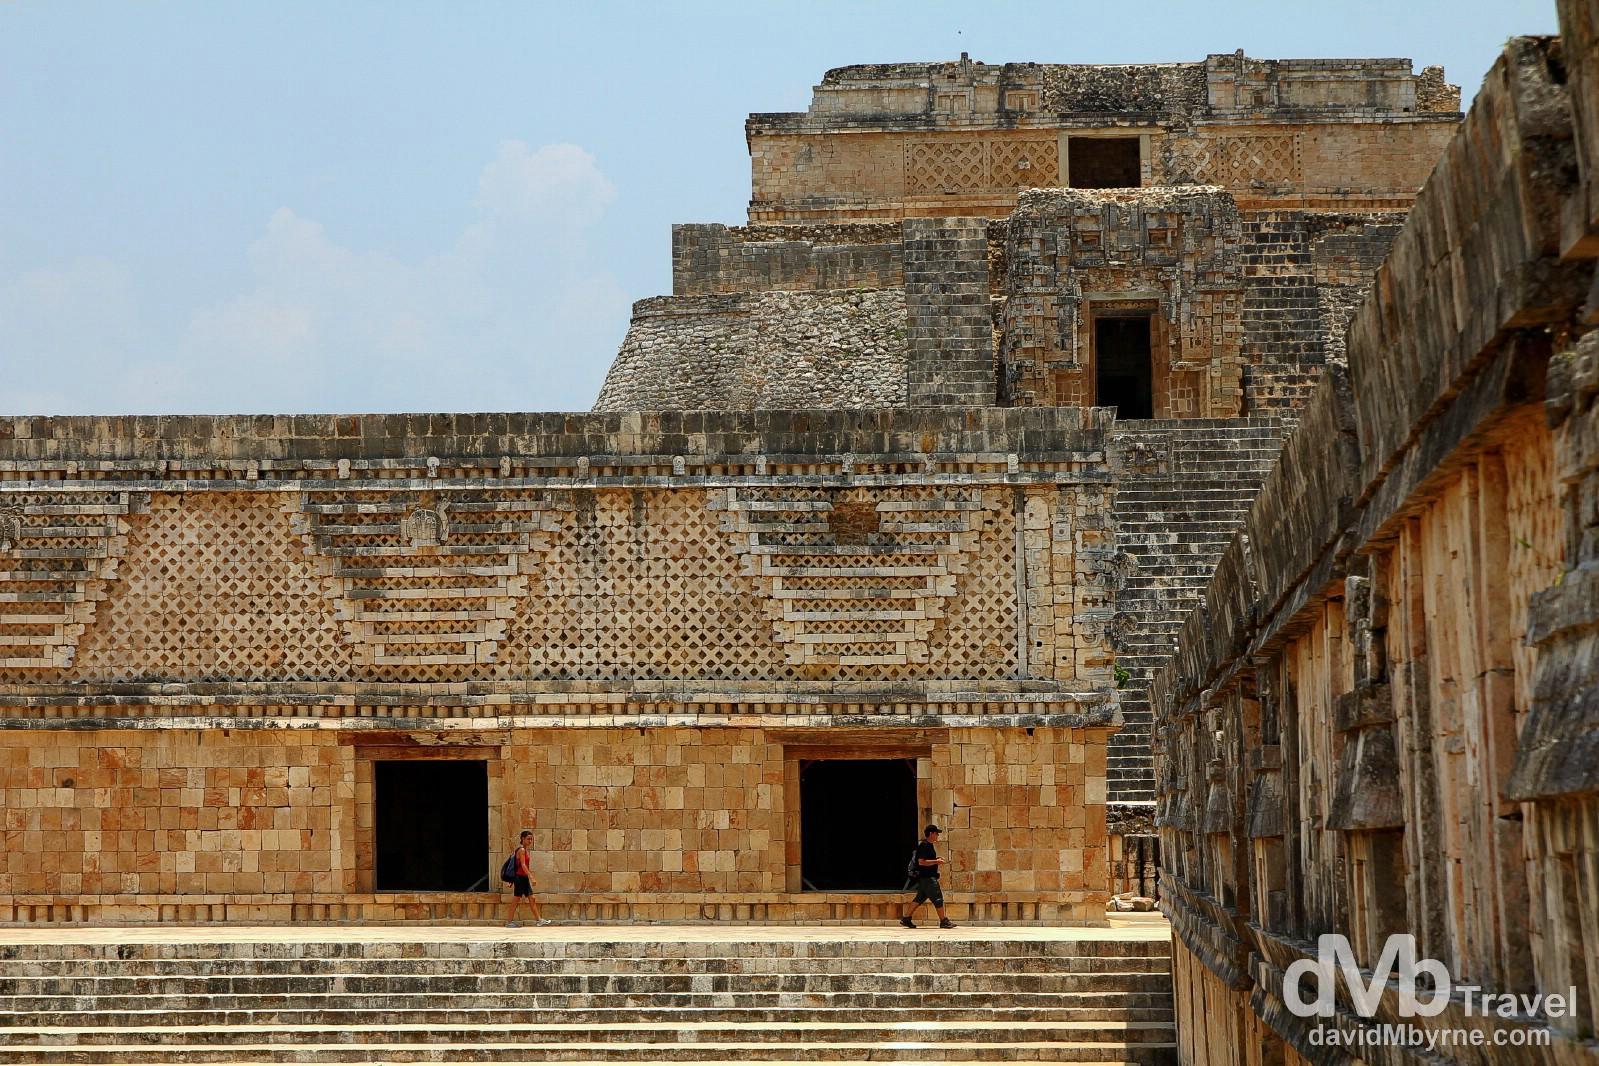 Uxmal Mayan ruins, Yucatan Peninsula, Mexico. May 2nd 2013.